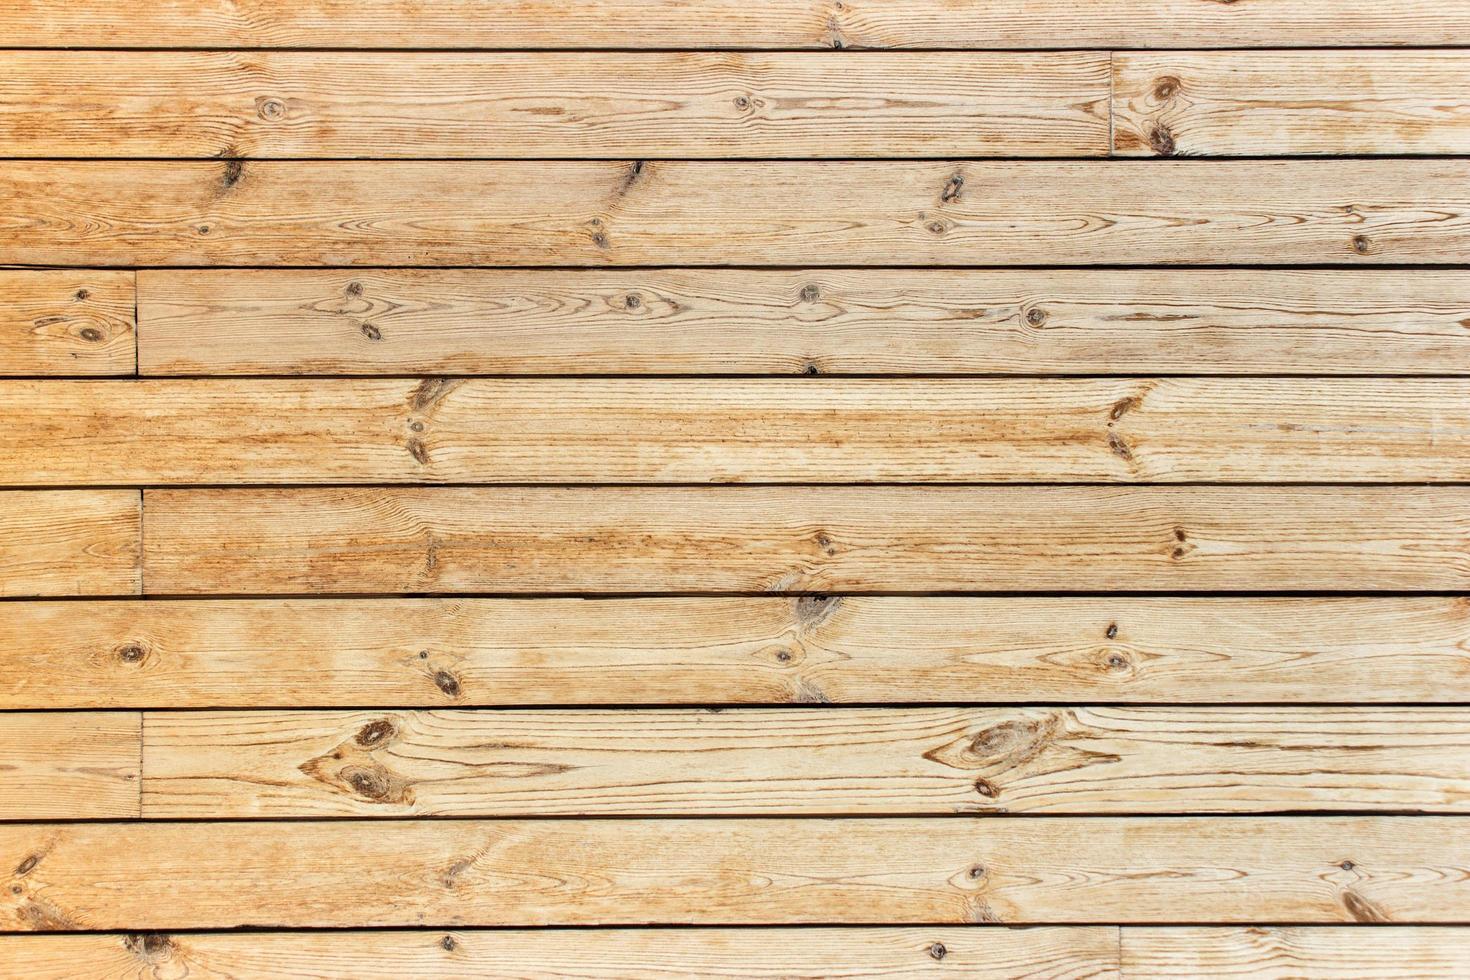 houten plank muur achtergrond foto